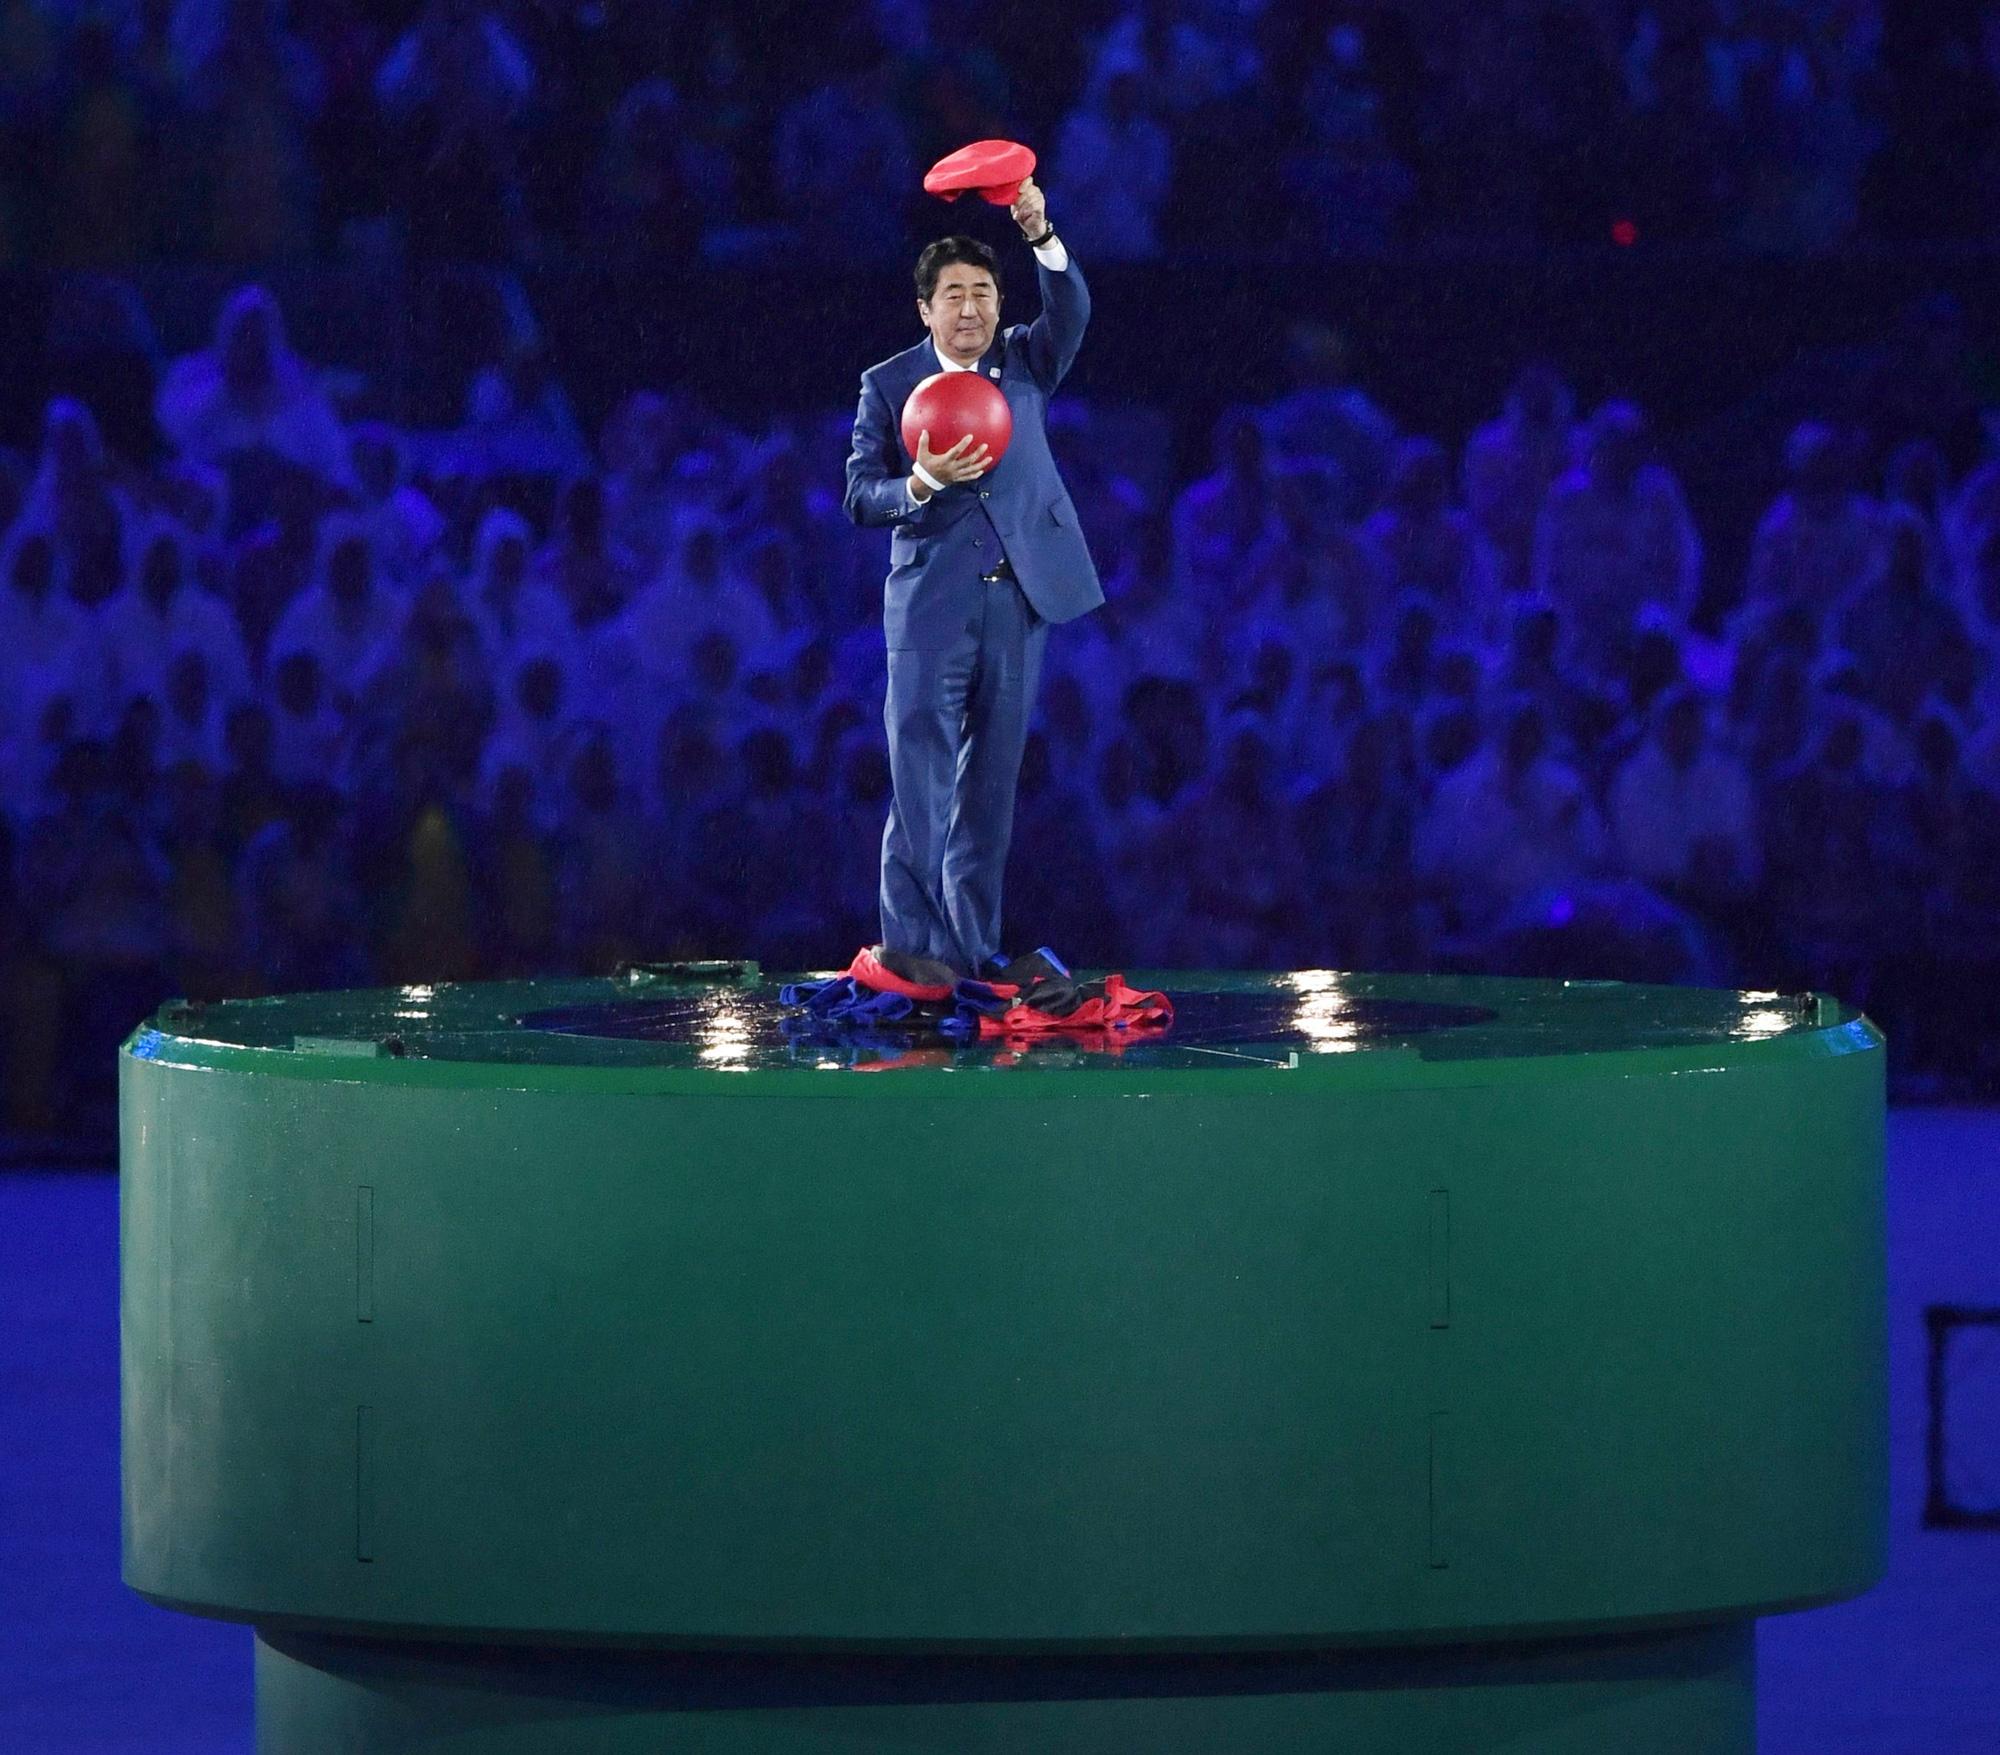 Toàn bộ thông tin cần biết về Olympic 2020 - Ảnh 2.